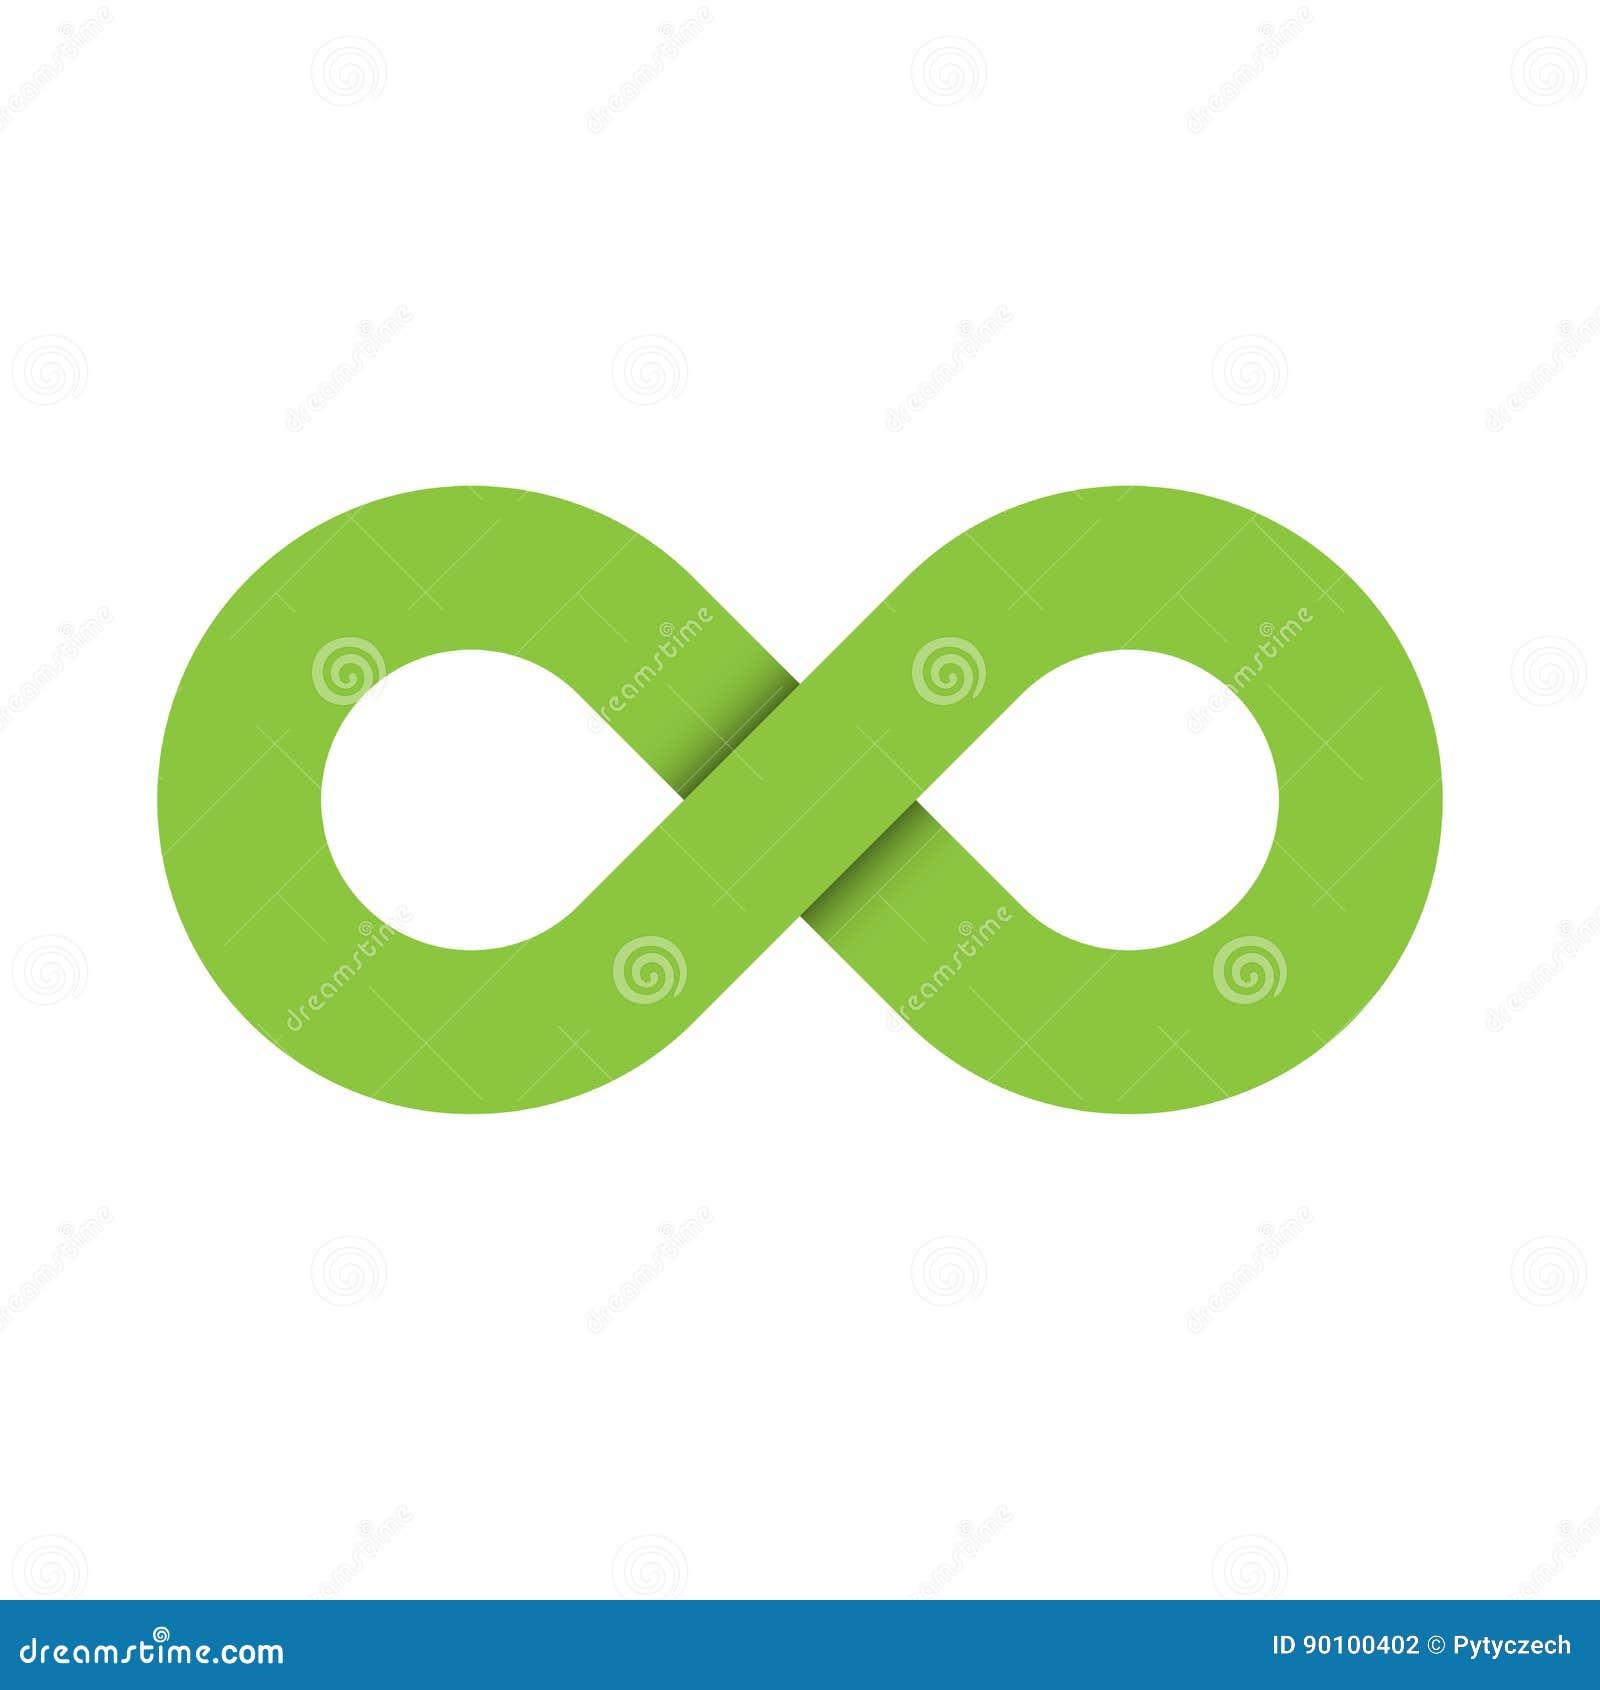 Ícone do símbolo da infinidade Representando o conceito de coisas infinitas, ilimitadas e infinitas Projeto verde simples do veto